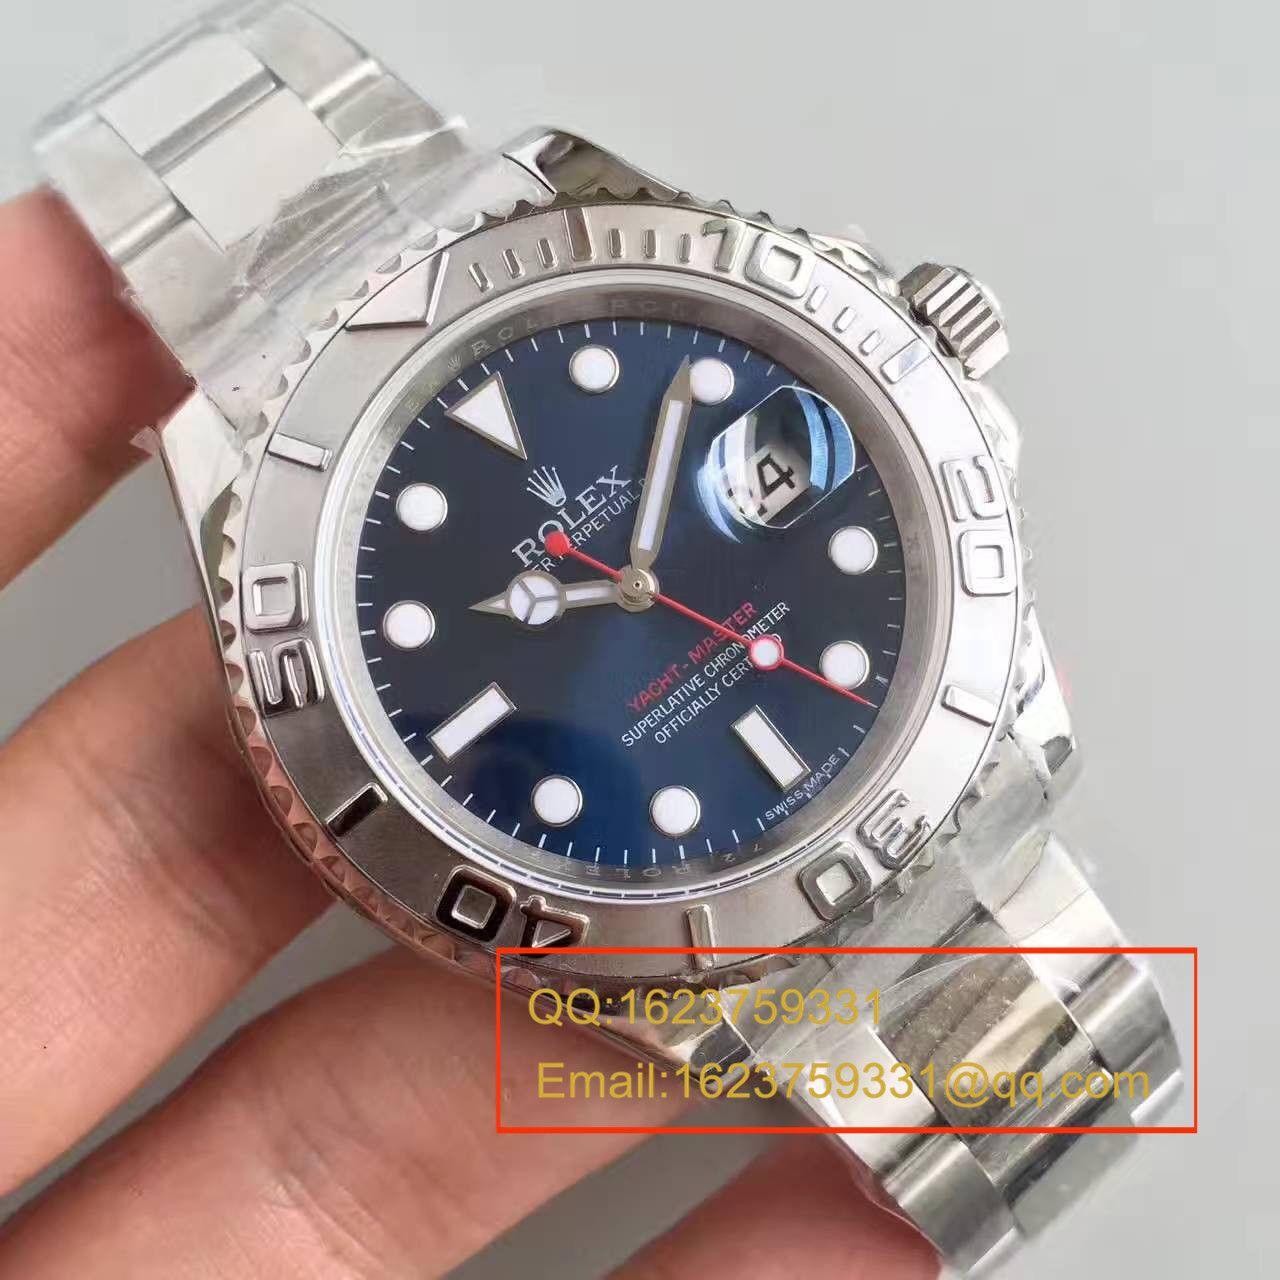 【N厂一比一复刻手表】劳力士游艇名仕型系列116622-78760 蓝盘机械手表 / RBA021